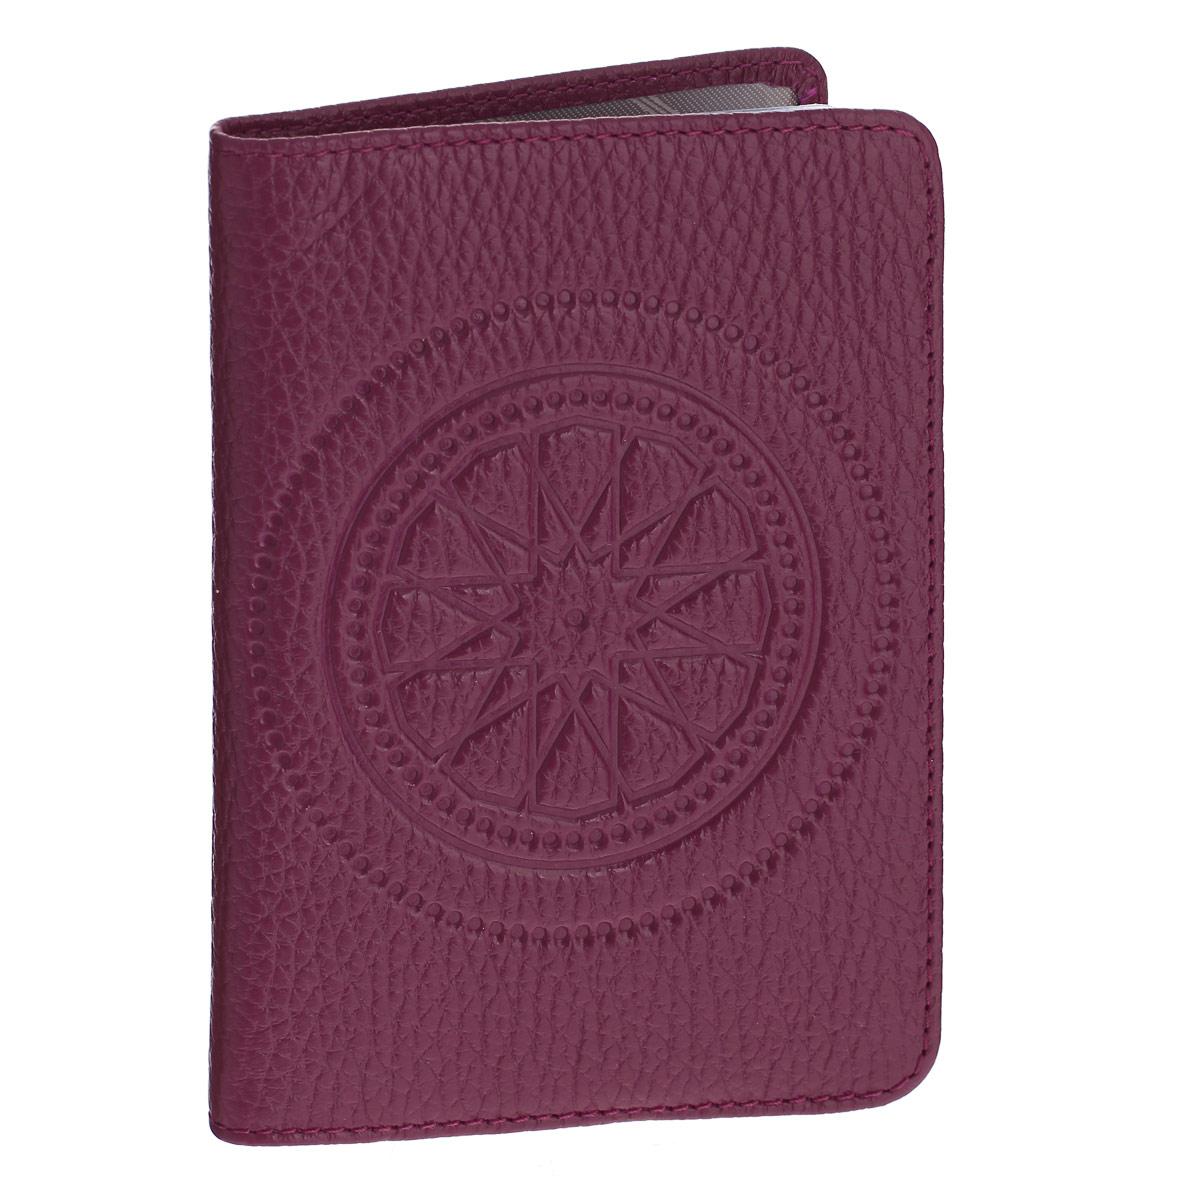 Бумажник водителя Askent Talisman, цвет: малиновый. BV.66.SNBV.66.SN. малиновыйБумажник водителя Askent Talisman выполнен из натуральной кожи с декоративным тиснением в виде талисмана. На внутреннем развороте имеет два кармана: глубокий вертикальный карман из кожи с 4 прорезными карманами для кредитных карт и карман из прозрачного пластика. Внутренний блок для водительских документов из прозрачного пластика (6 карманов). Такой бумажник станет отличным подарком для человека, ценящего качественные и необычные вещи.